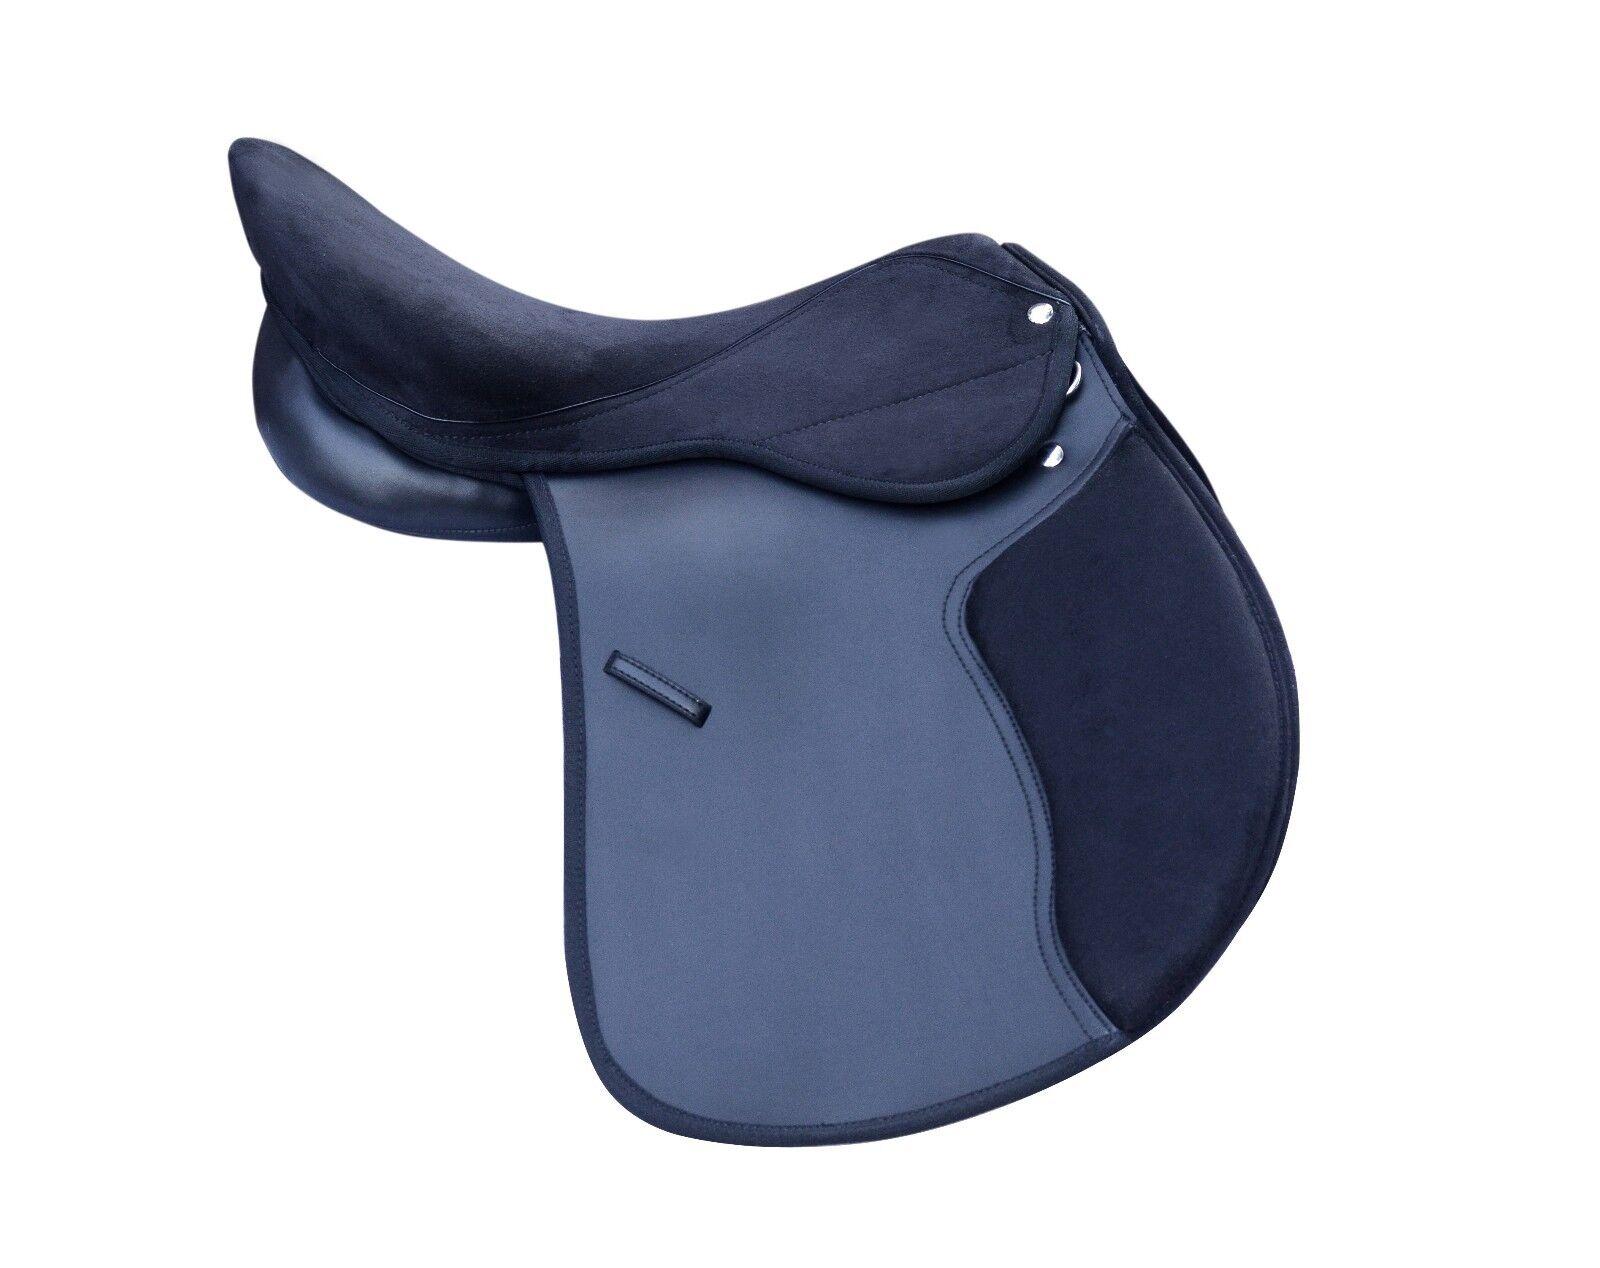 Cuero Sintético silla caballo GP Modificable garganta Suede Negro Venta 4 Tamaños